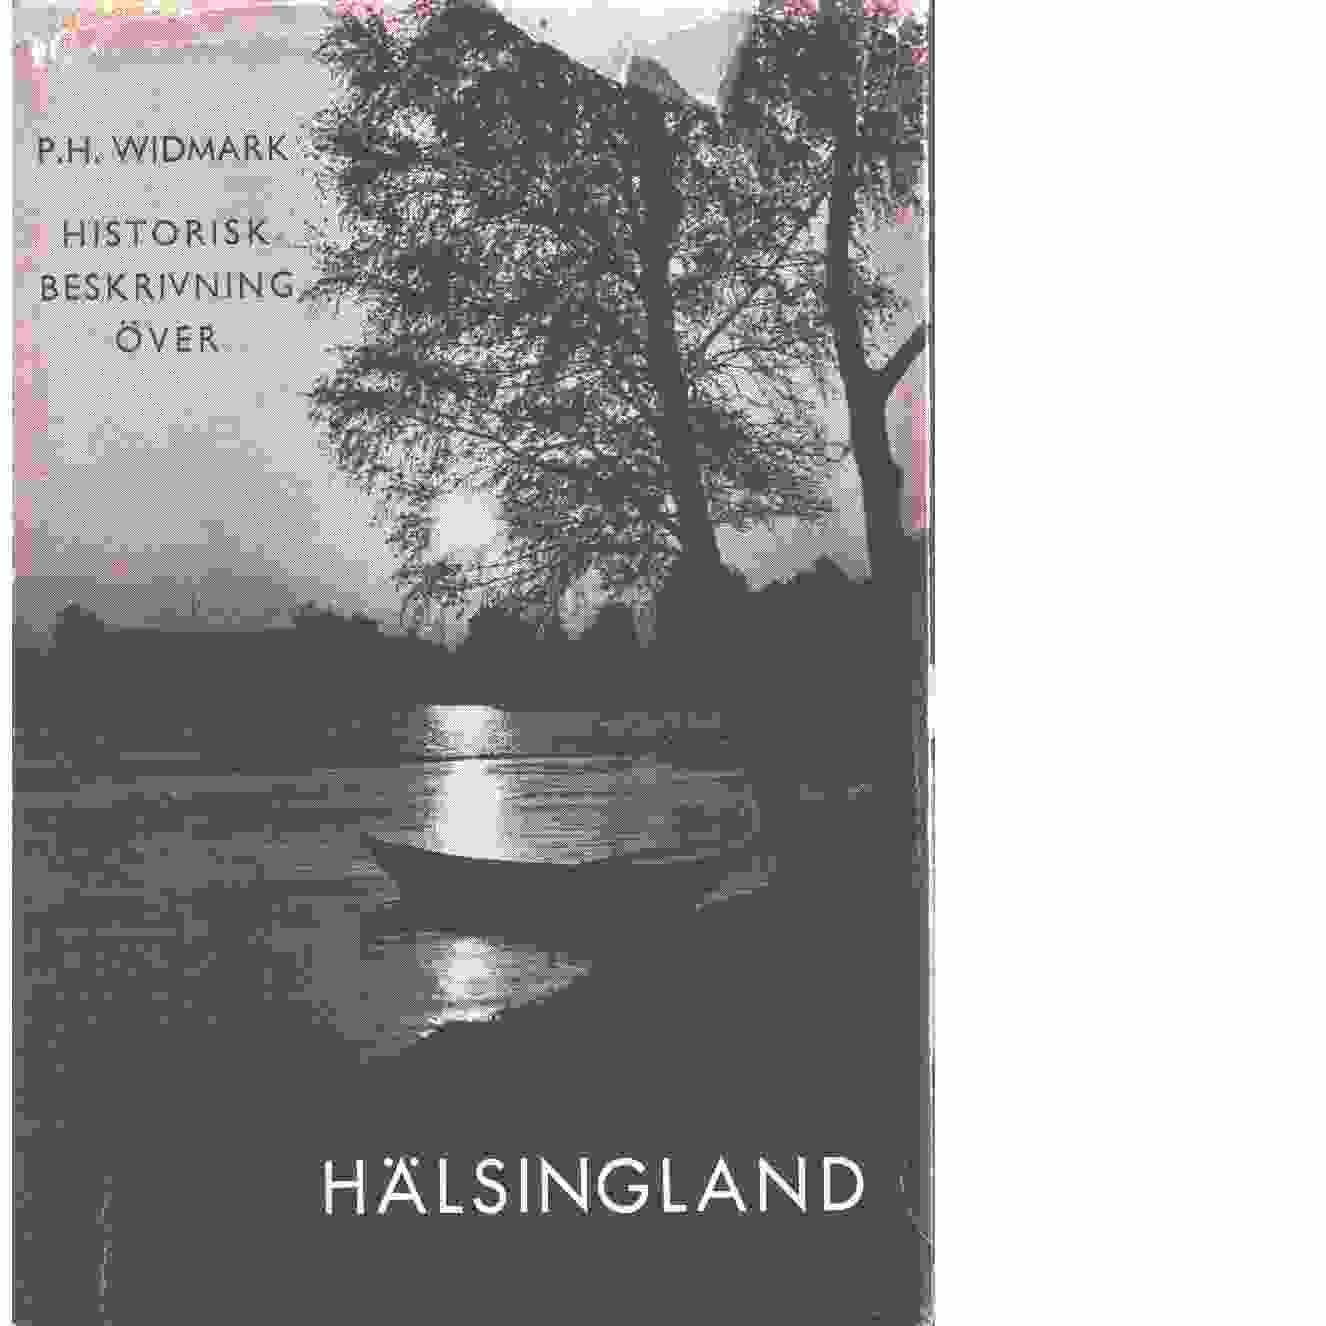 Beskrivning över provinsen Hälsingland hörande till Gävleborgs län - Widmark, P.H.